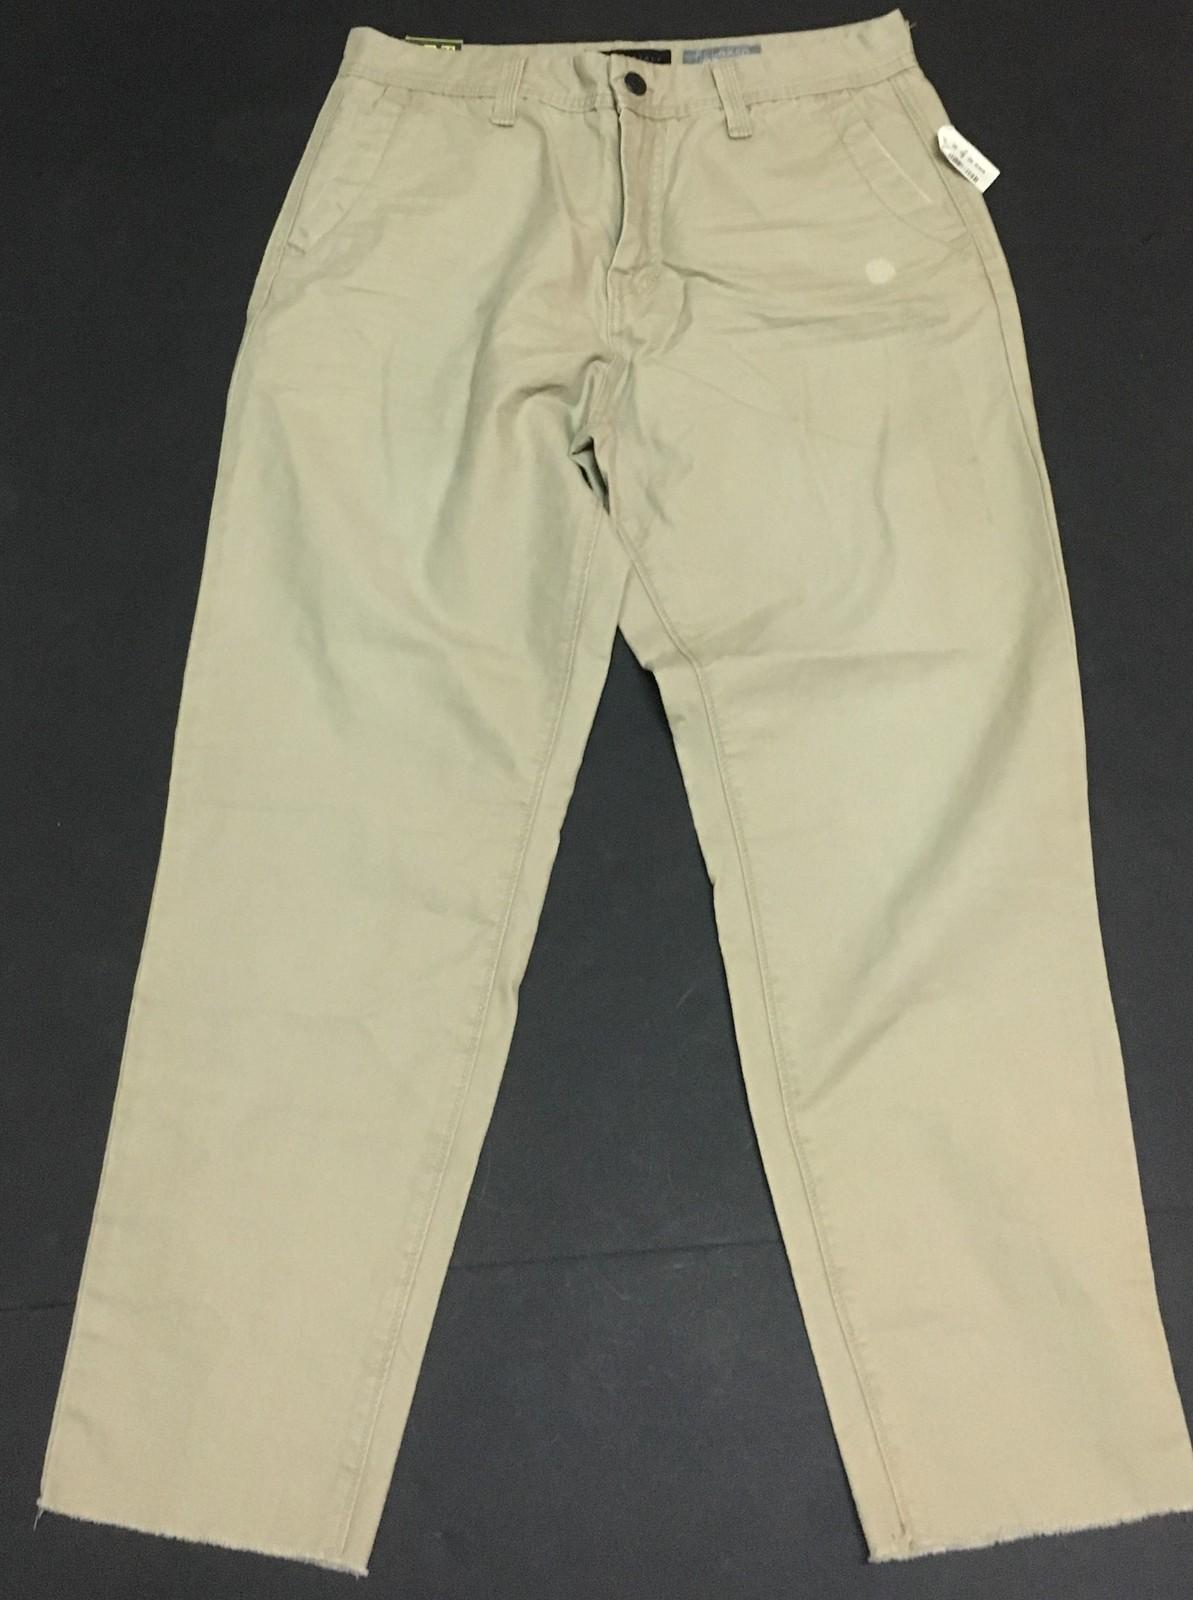 Aeropostale Men's Relaxed Cropped Khaki Pants Jeans SZ 30 x 26